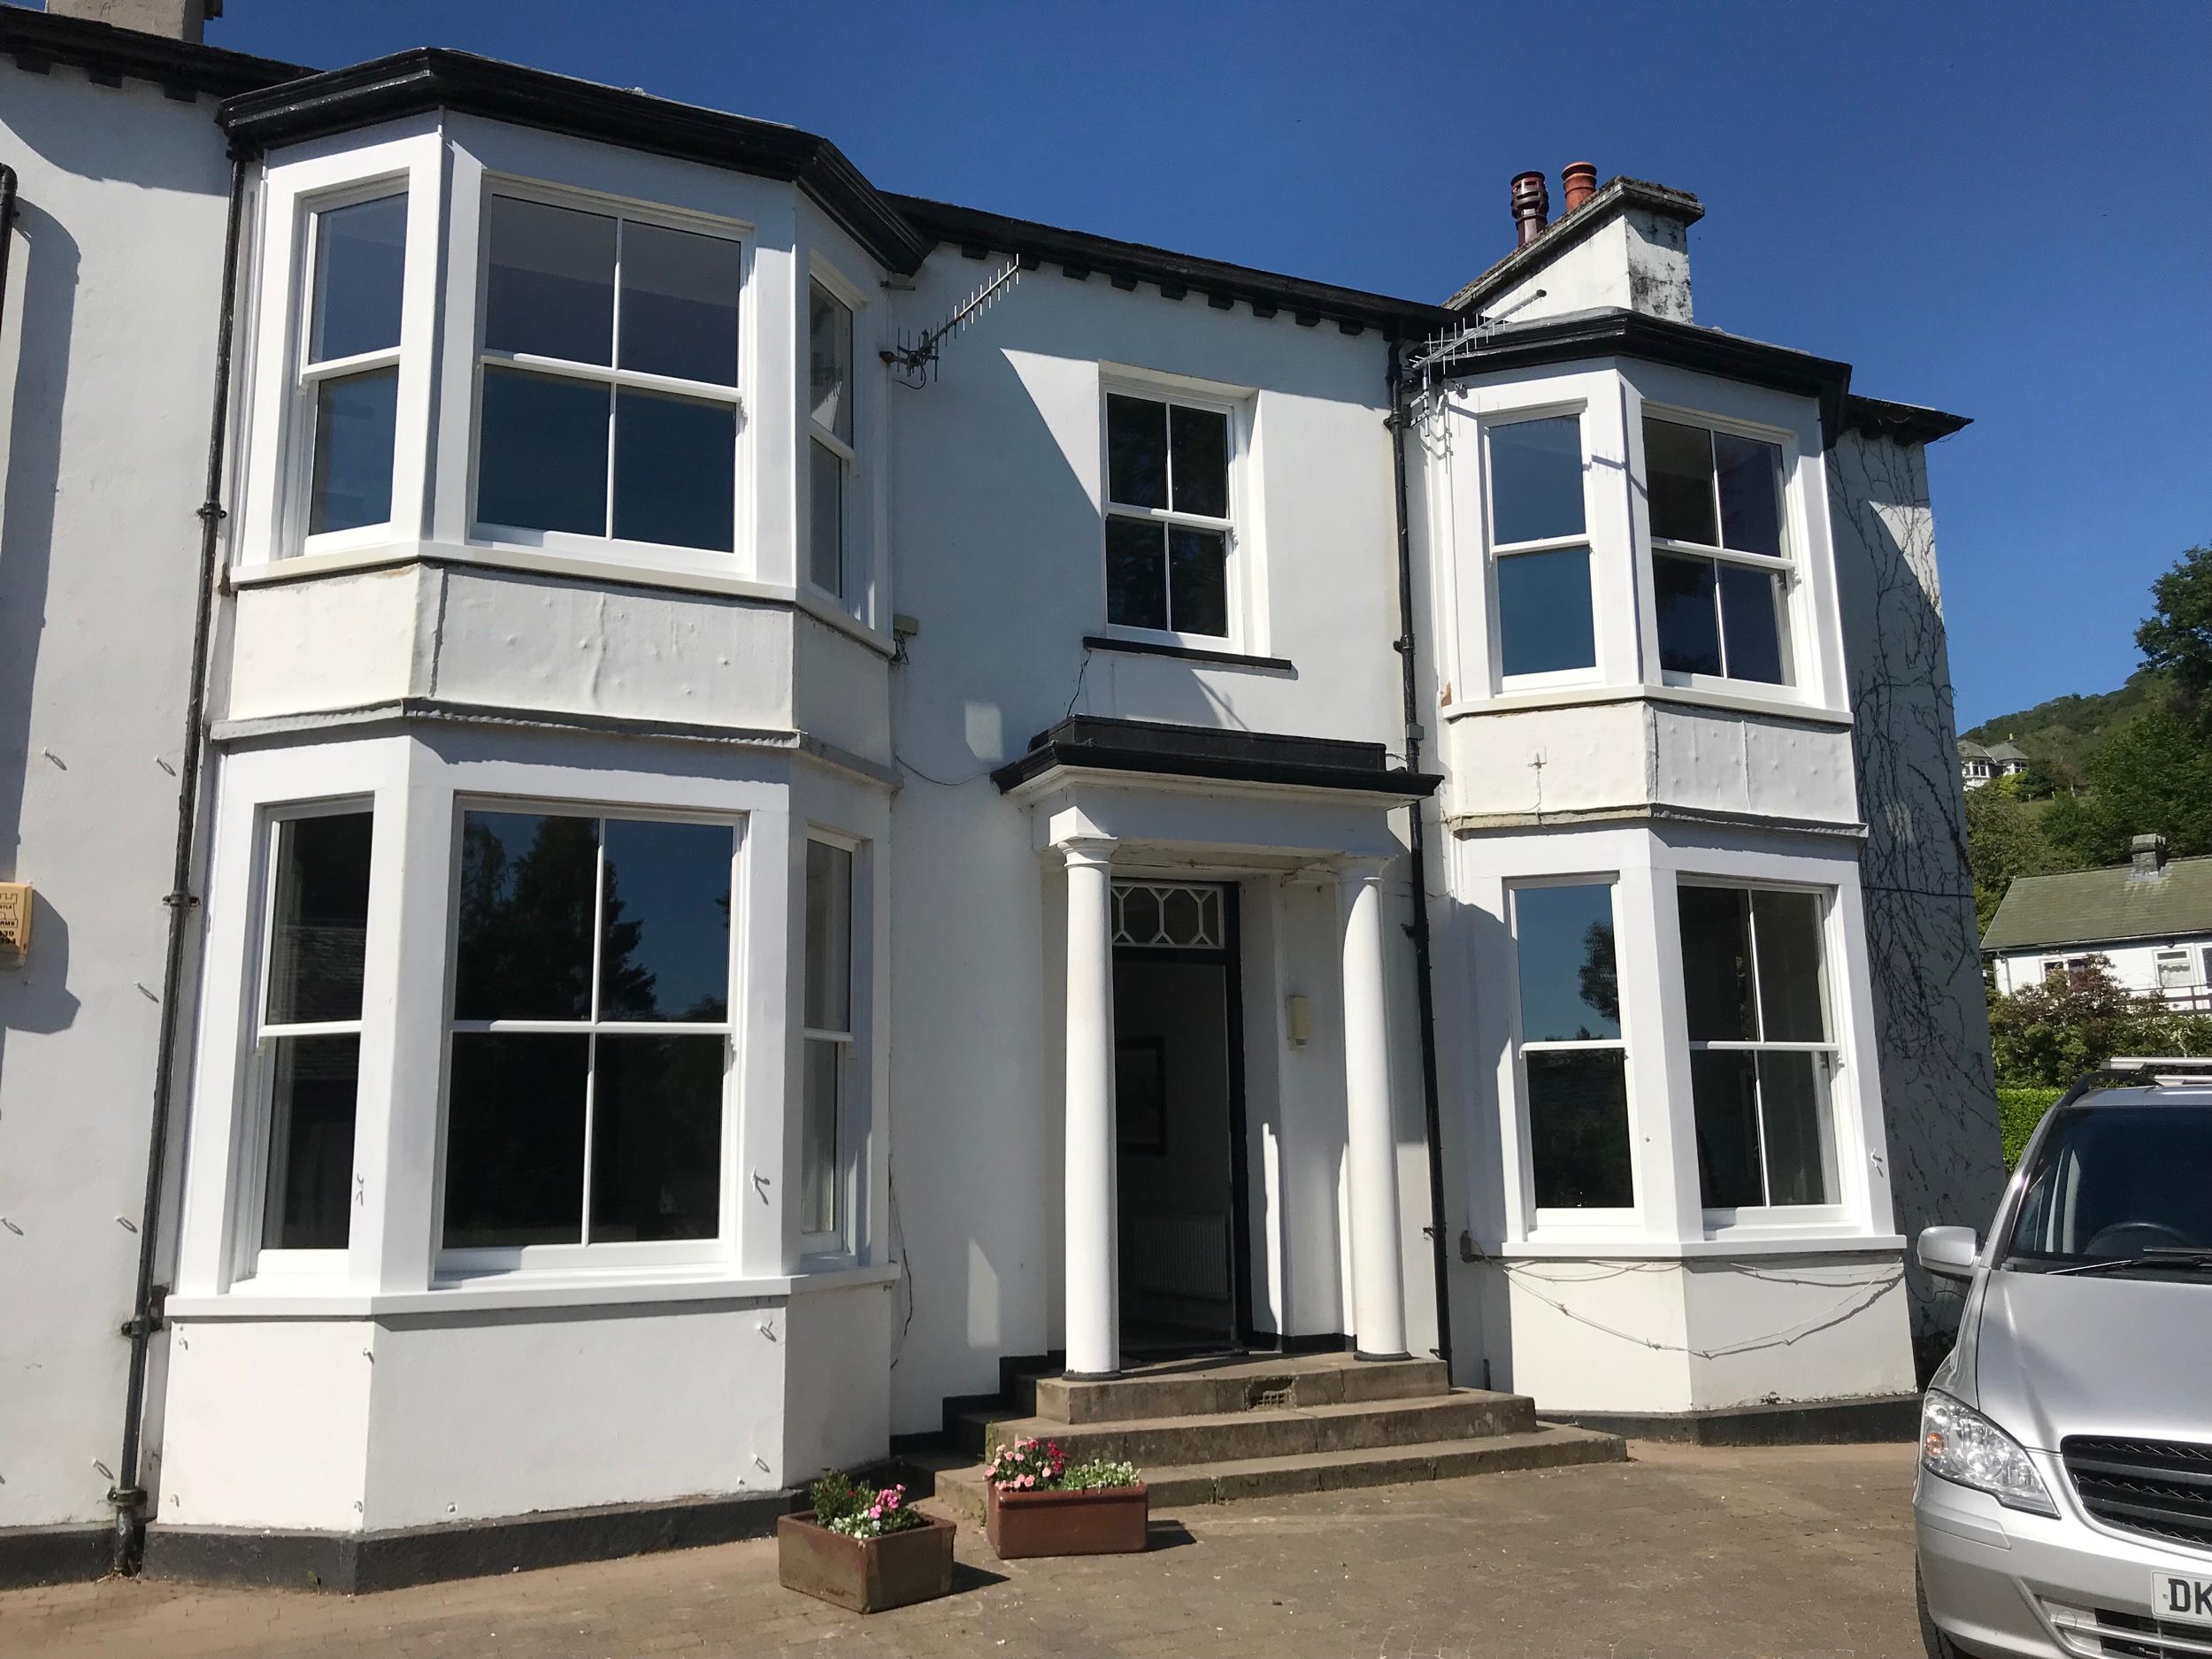 Double glazed timber sash windows, Ambleside, Cumbria